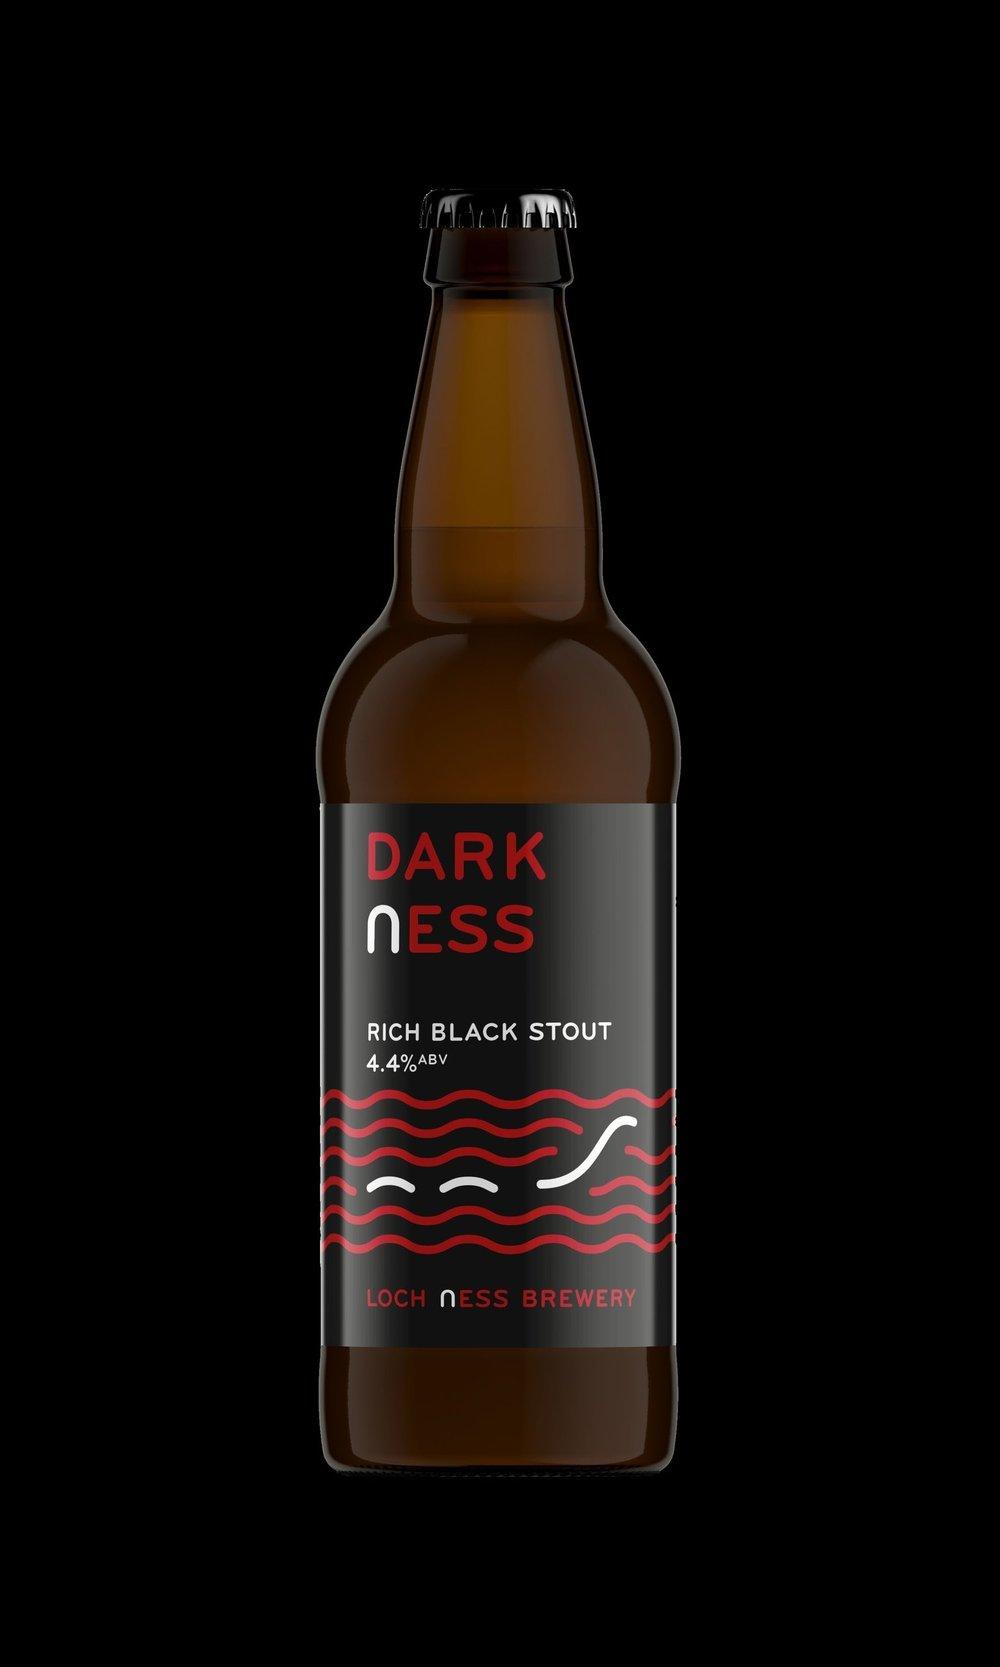 Loch Ness Brewery_DarkNess_500ml Bottle_DARK_BGRD.jpg